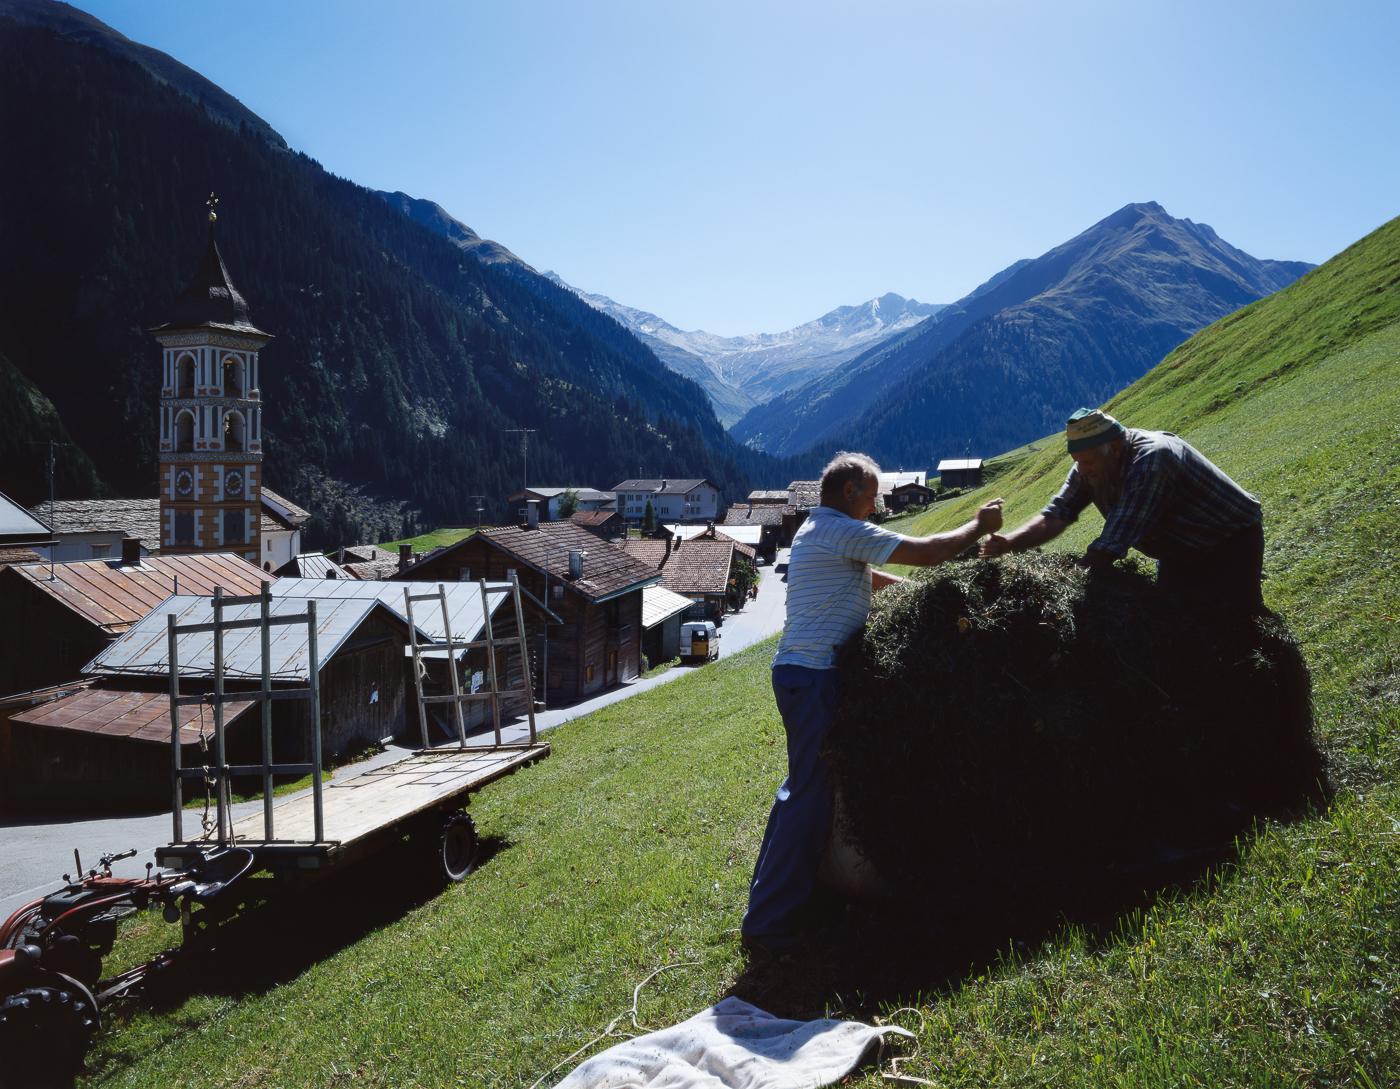 Verner Soler_USA-Switzerland_Visits to my village_05.jpg